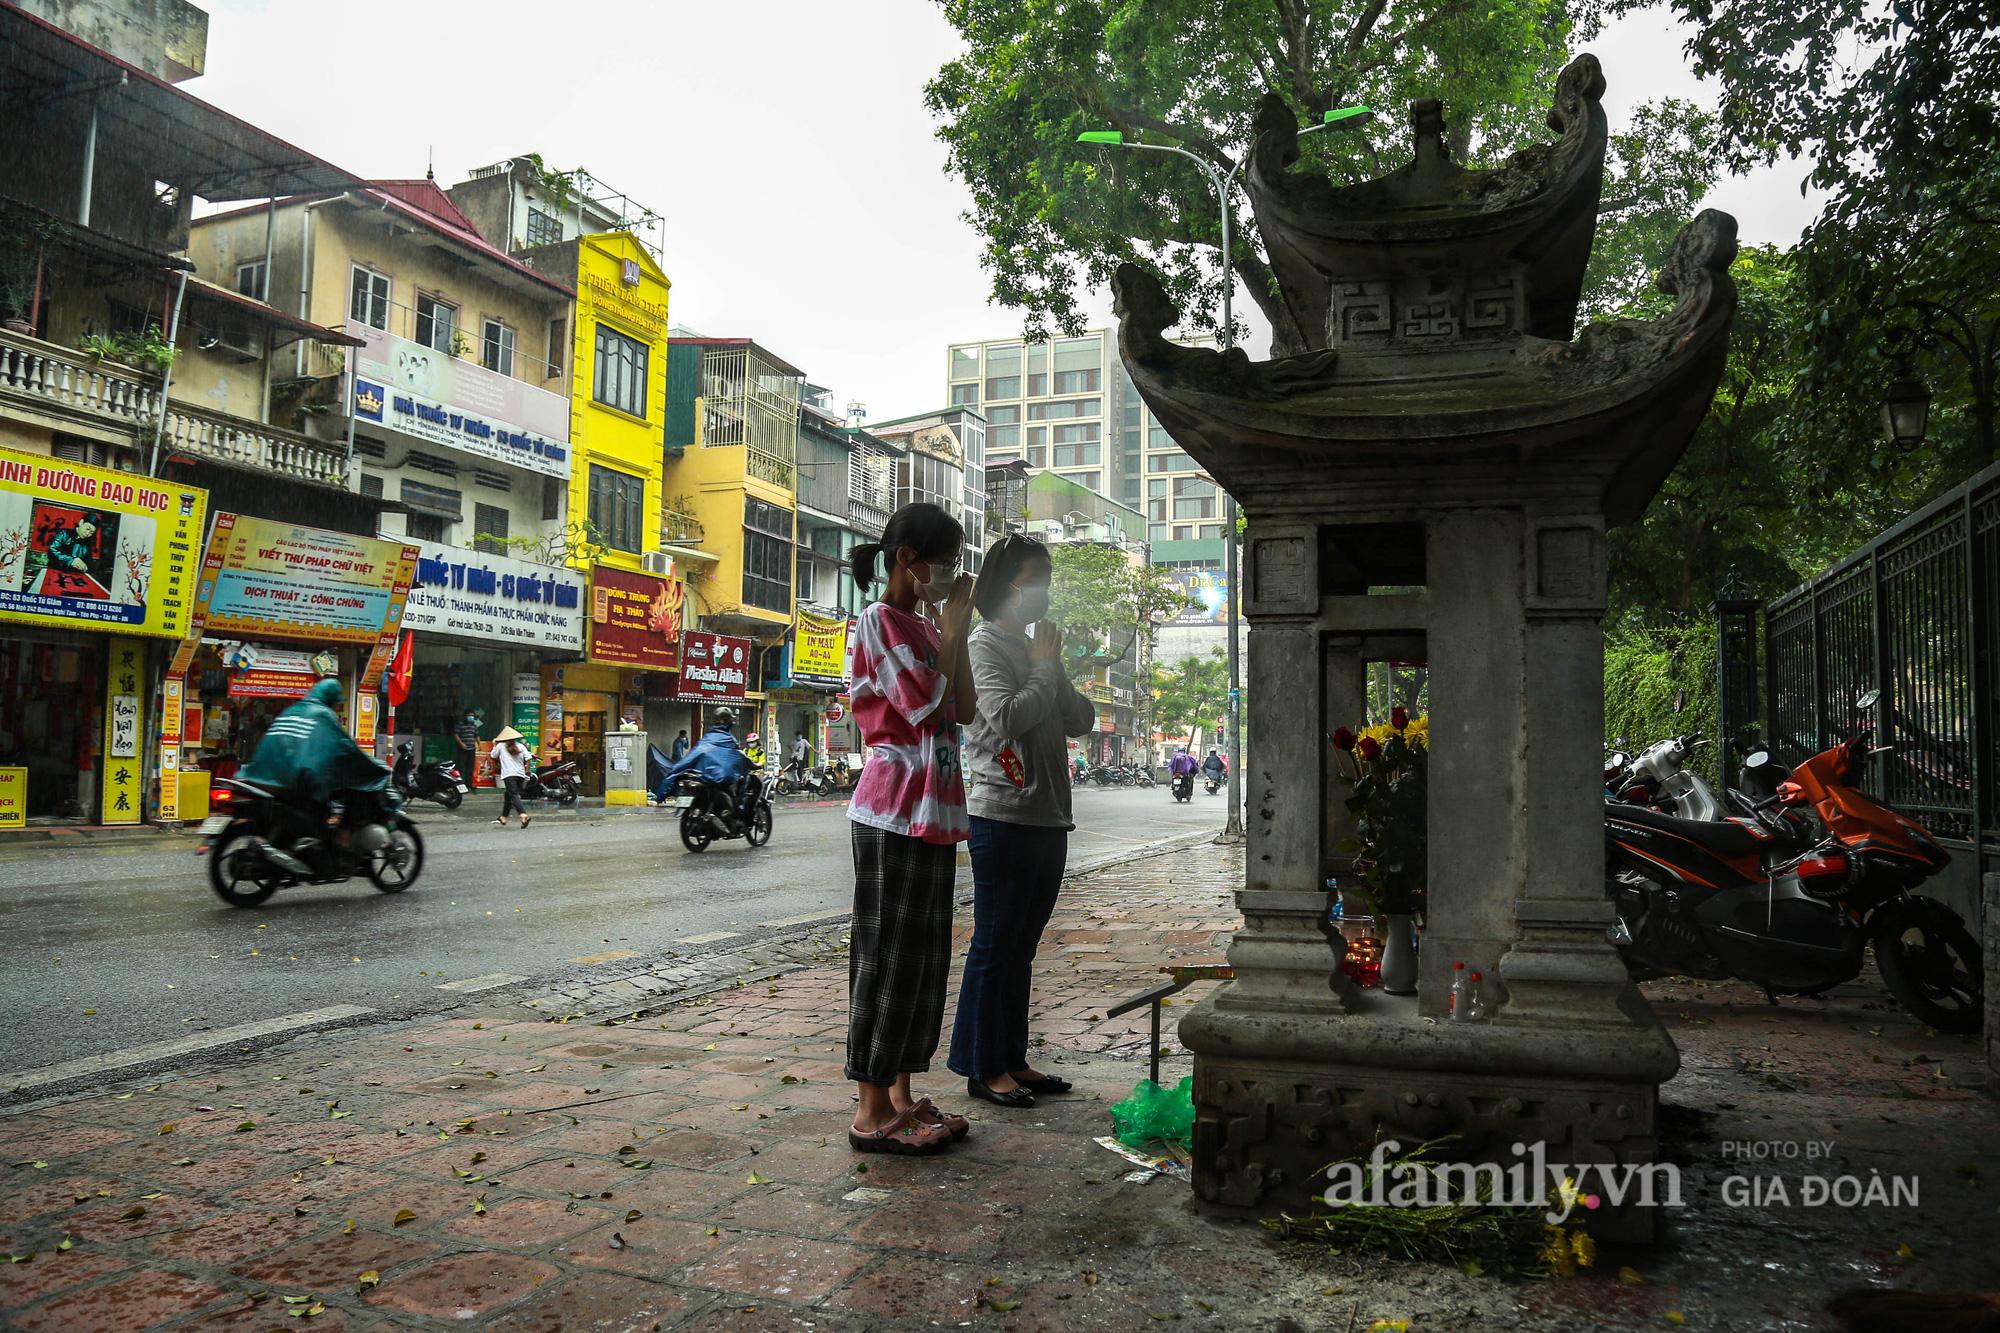 Phụ huynh, thí sinh ở Hà Nội đội mưa đi lễ cầu may trước ngày thi vào lớp 10 THPT - Ảnh 1.